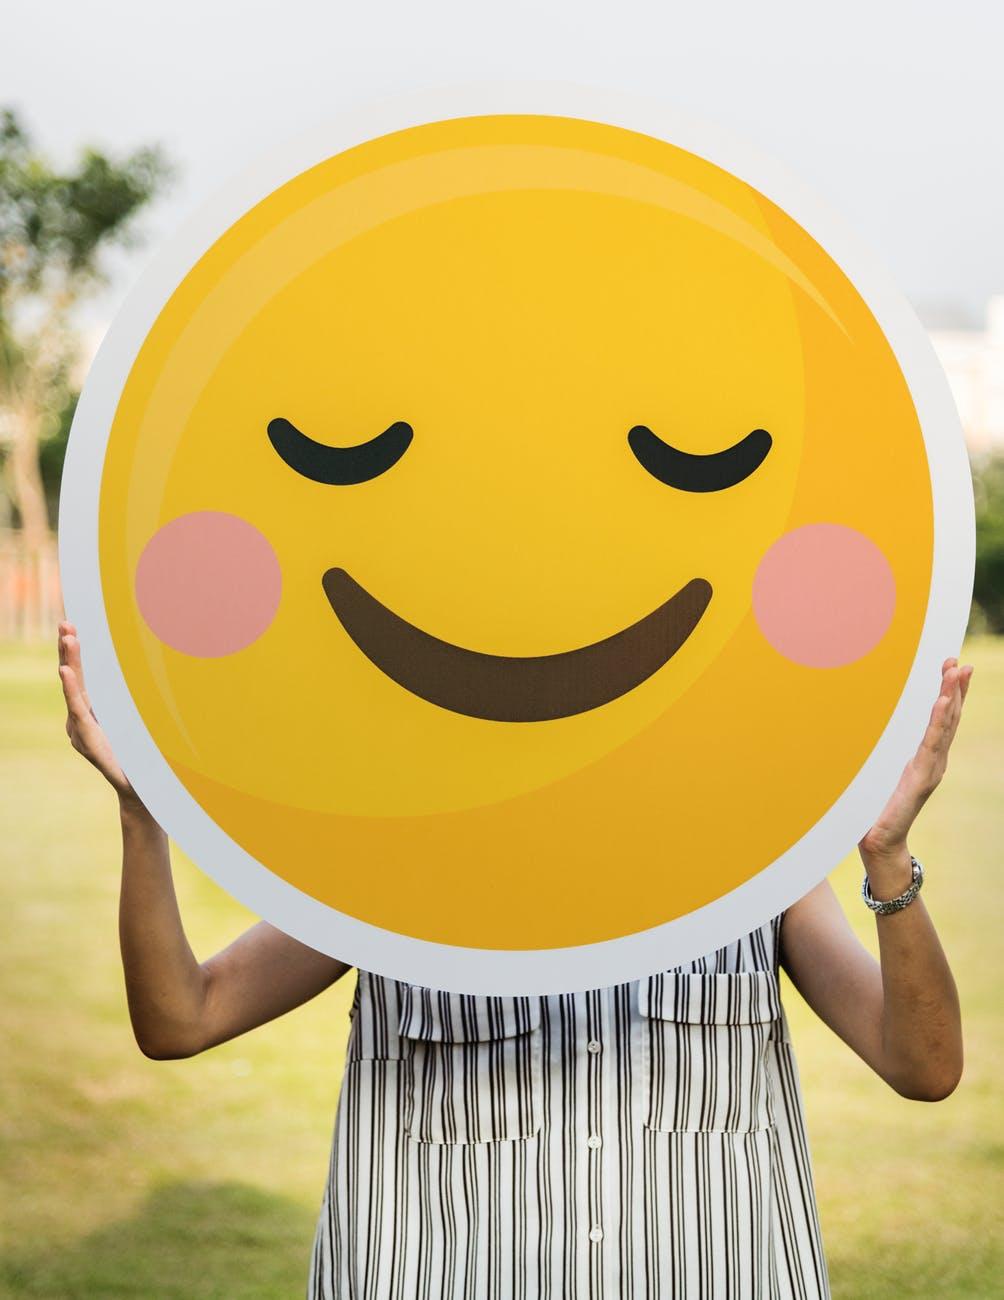 smiley face blushing